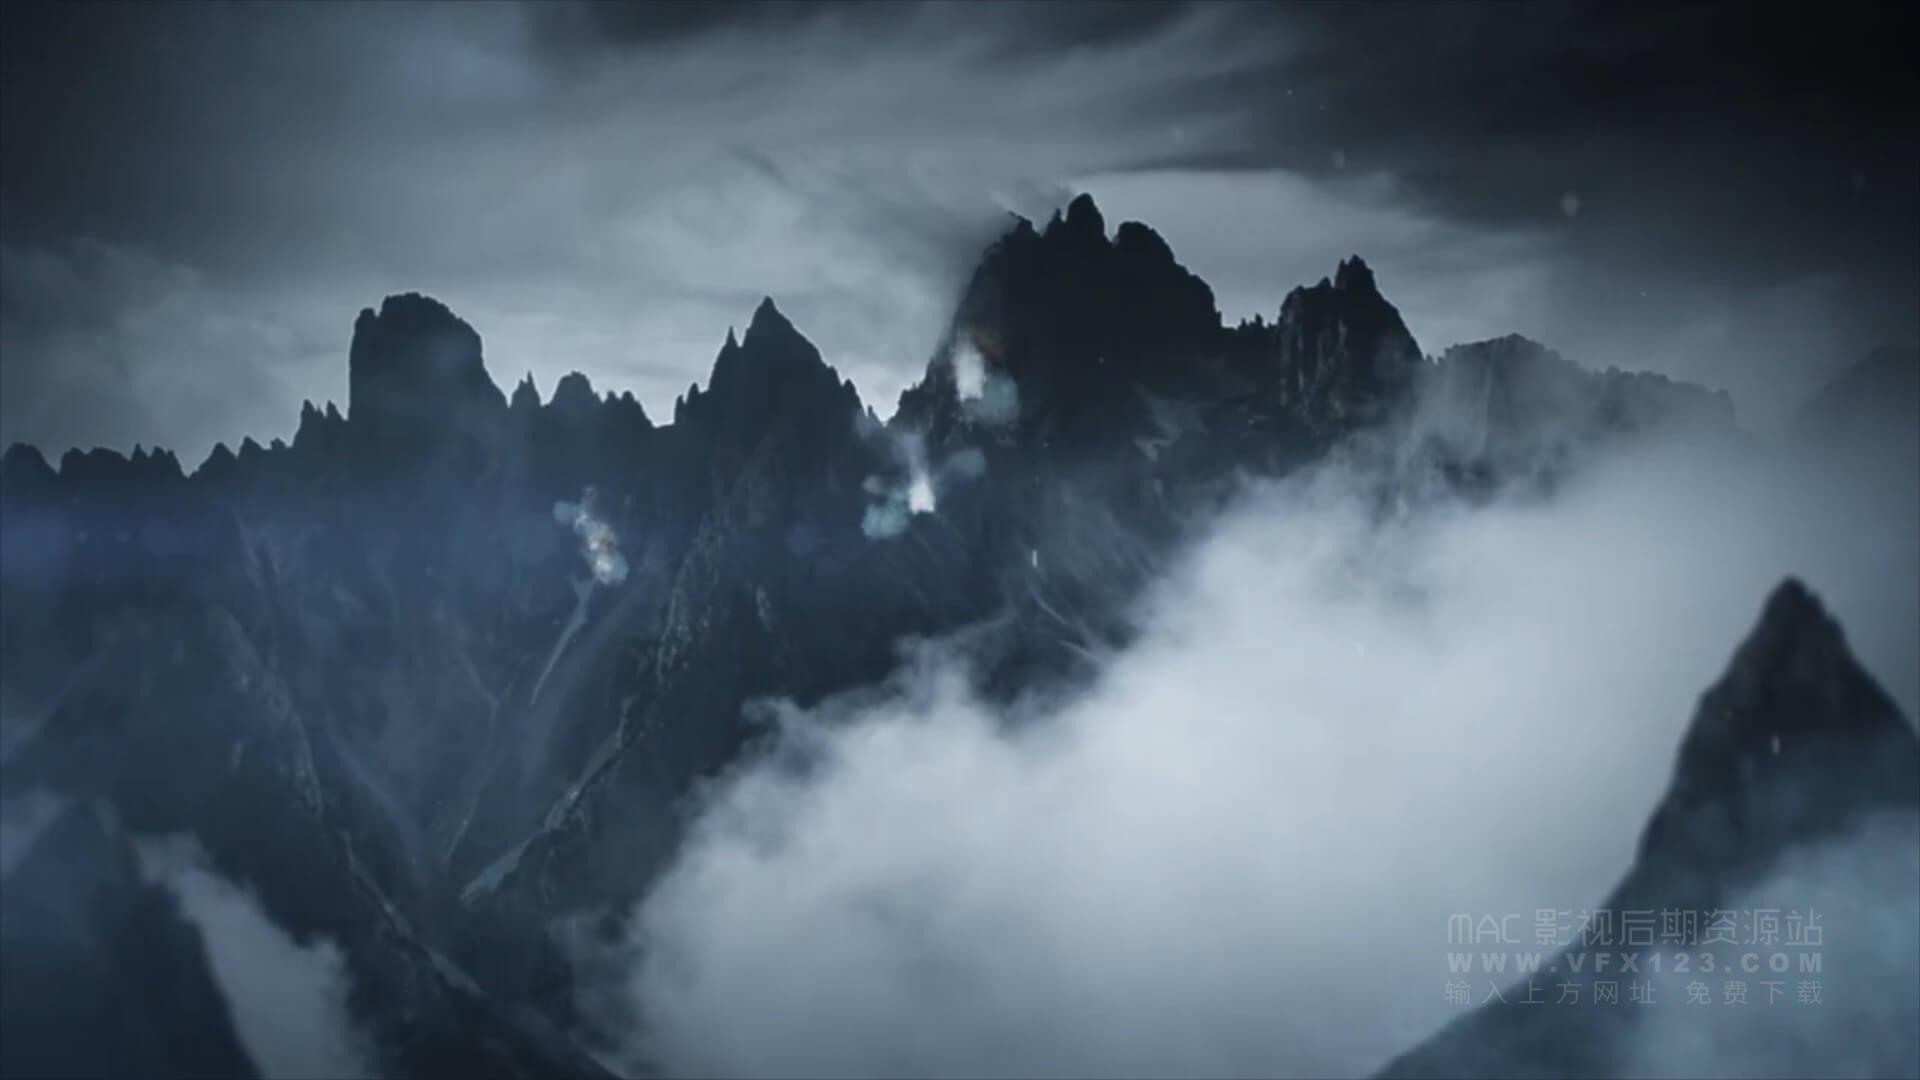 视频素材 100个灰尘粉末粒子烟雾4K视频特效合成素材 Mojave